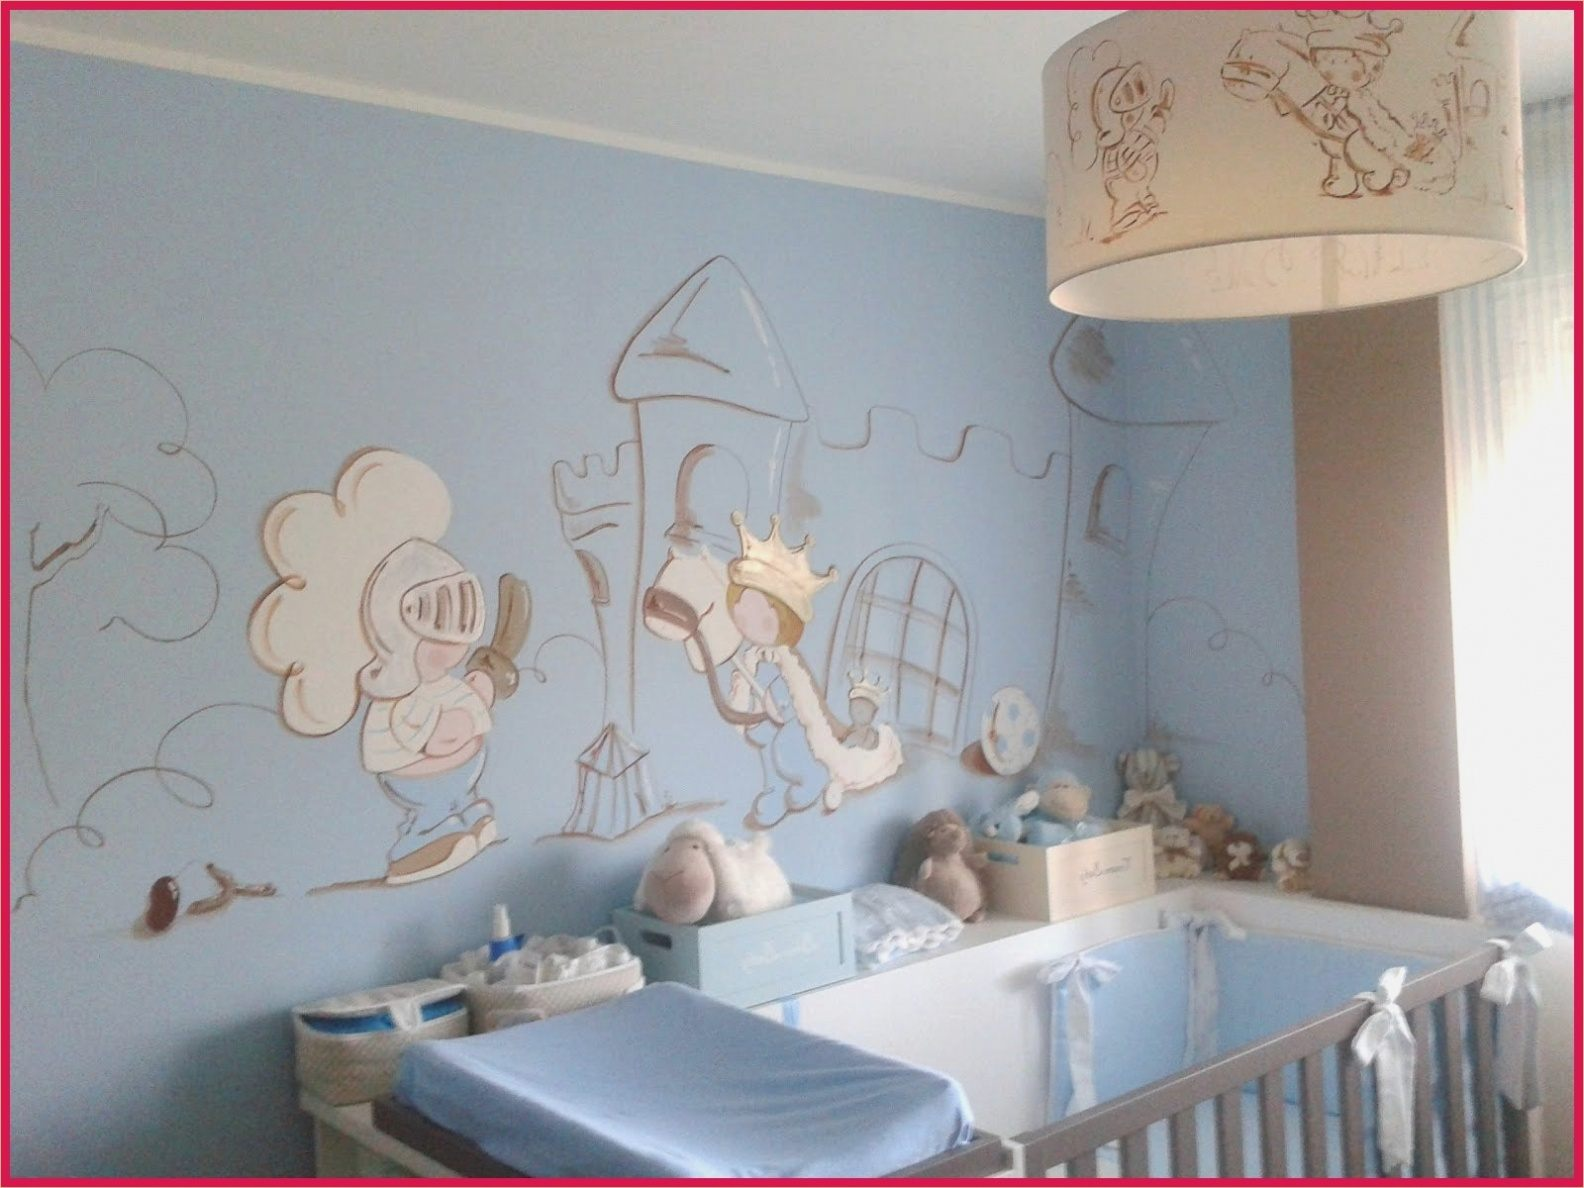 Lit Bébé Avec Rangement Fraîche Maha De Rangement Chambre Bébé Mahagranda De Home